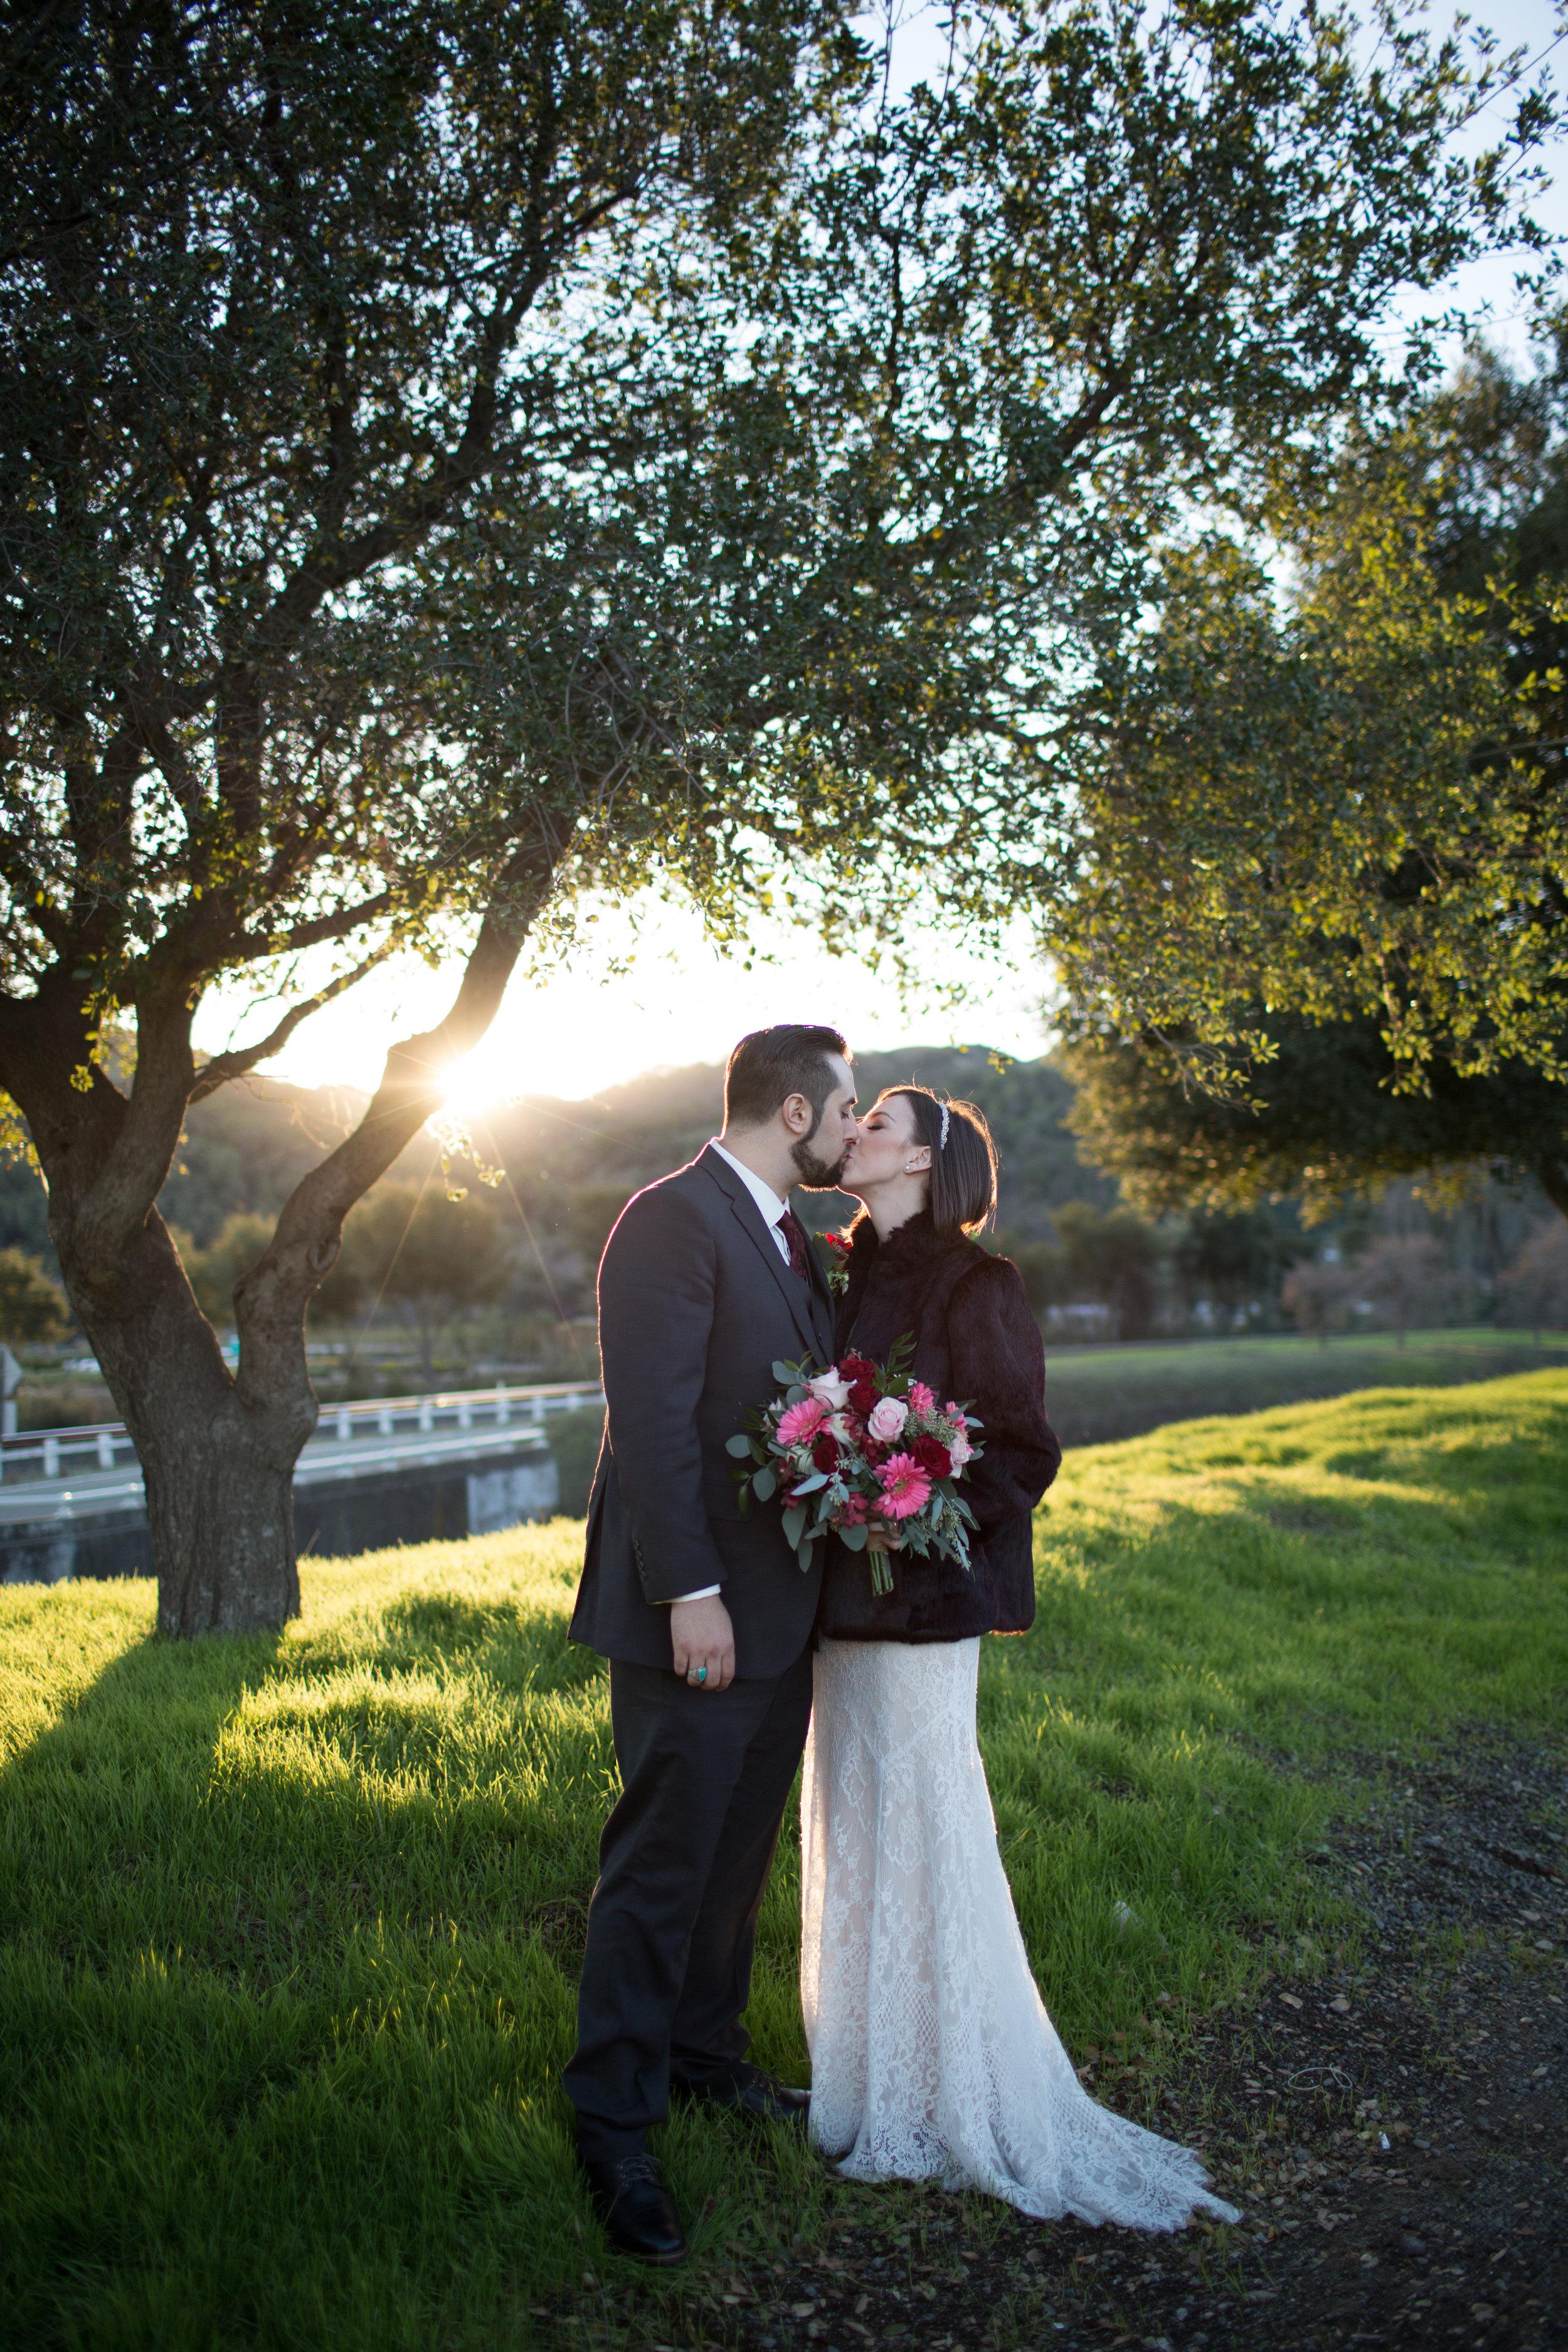 Renee&Jake_WeddingPreviews-008.jpg